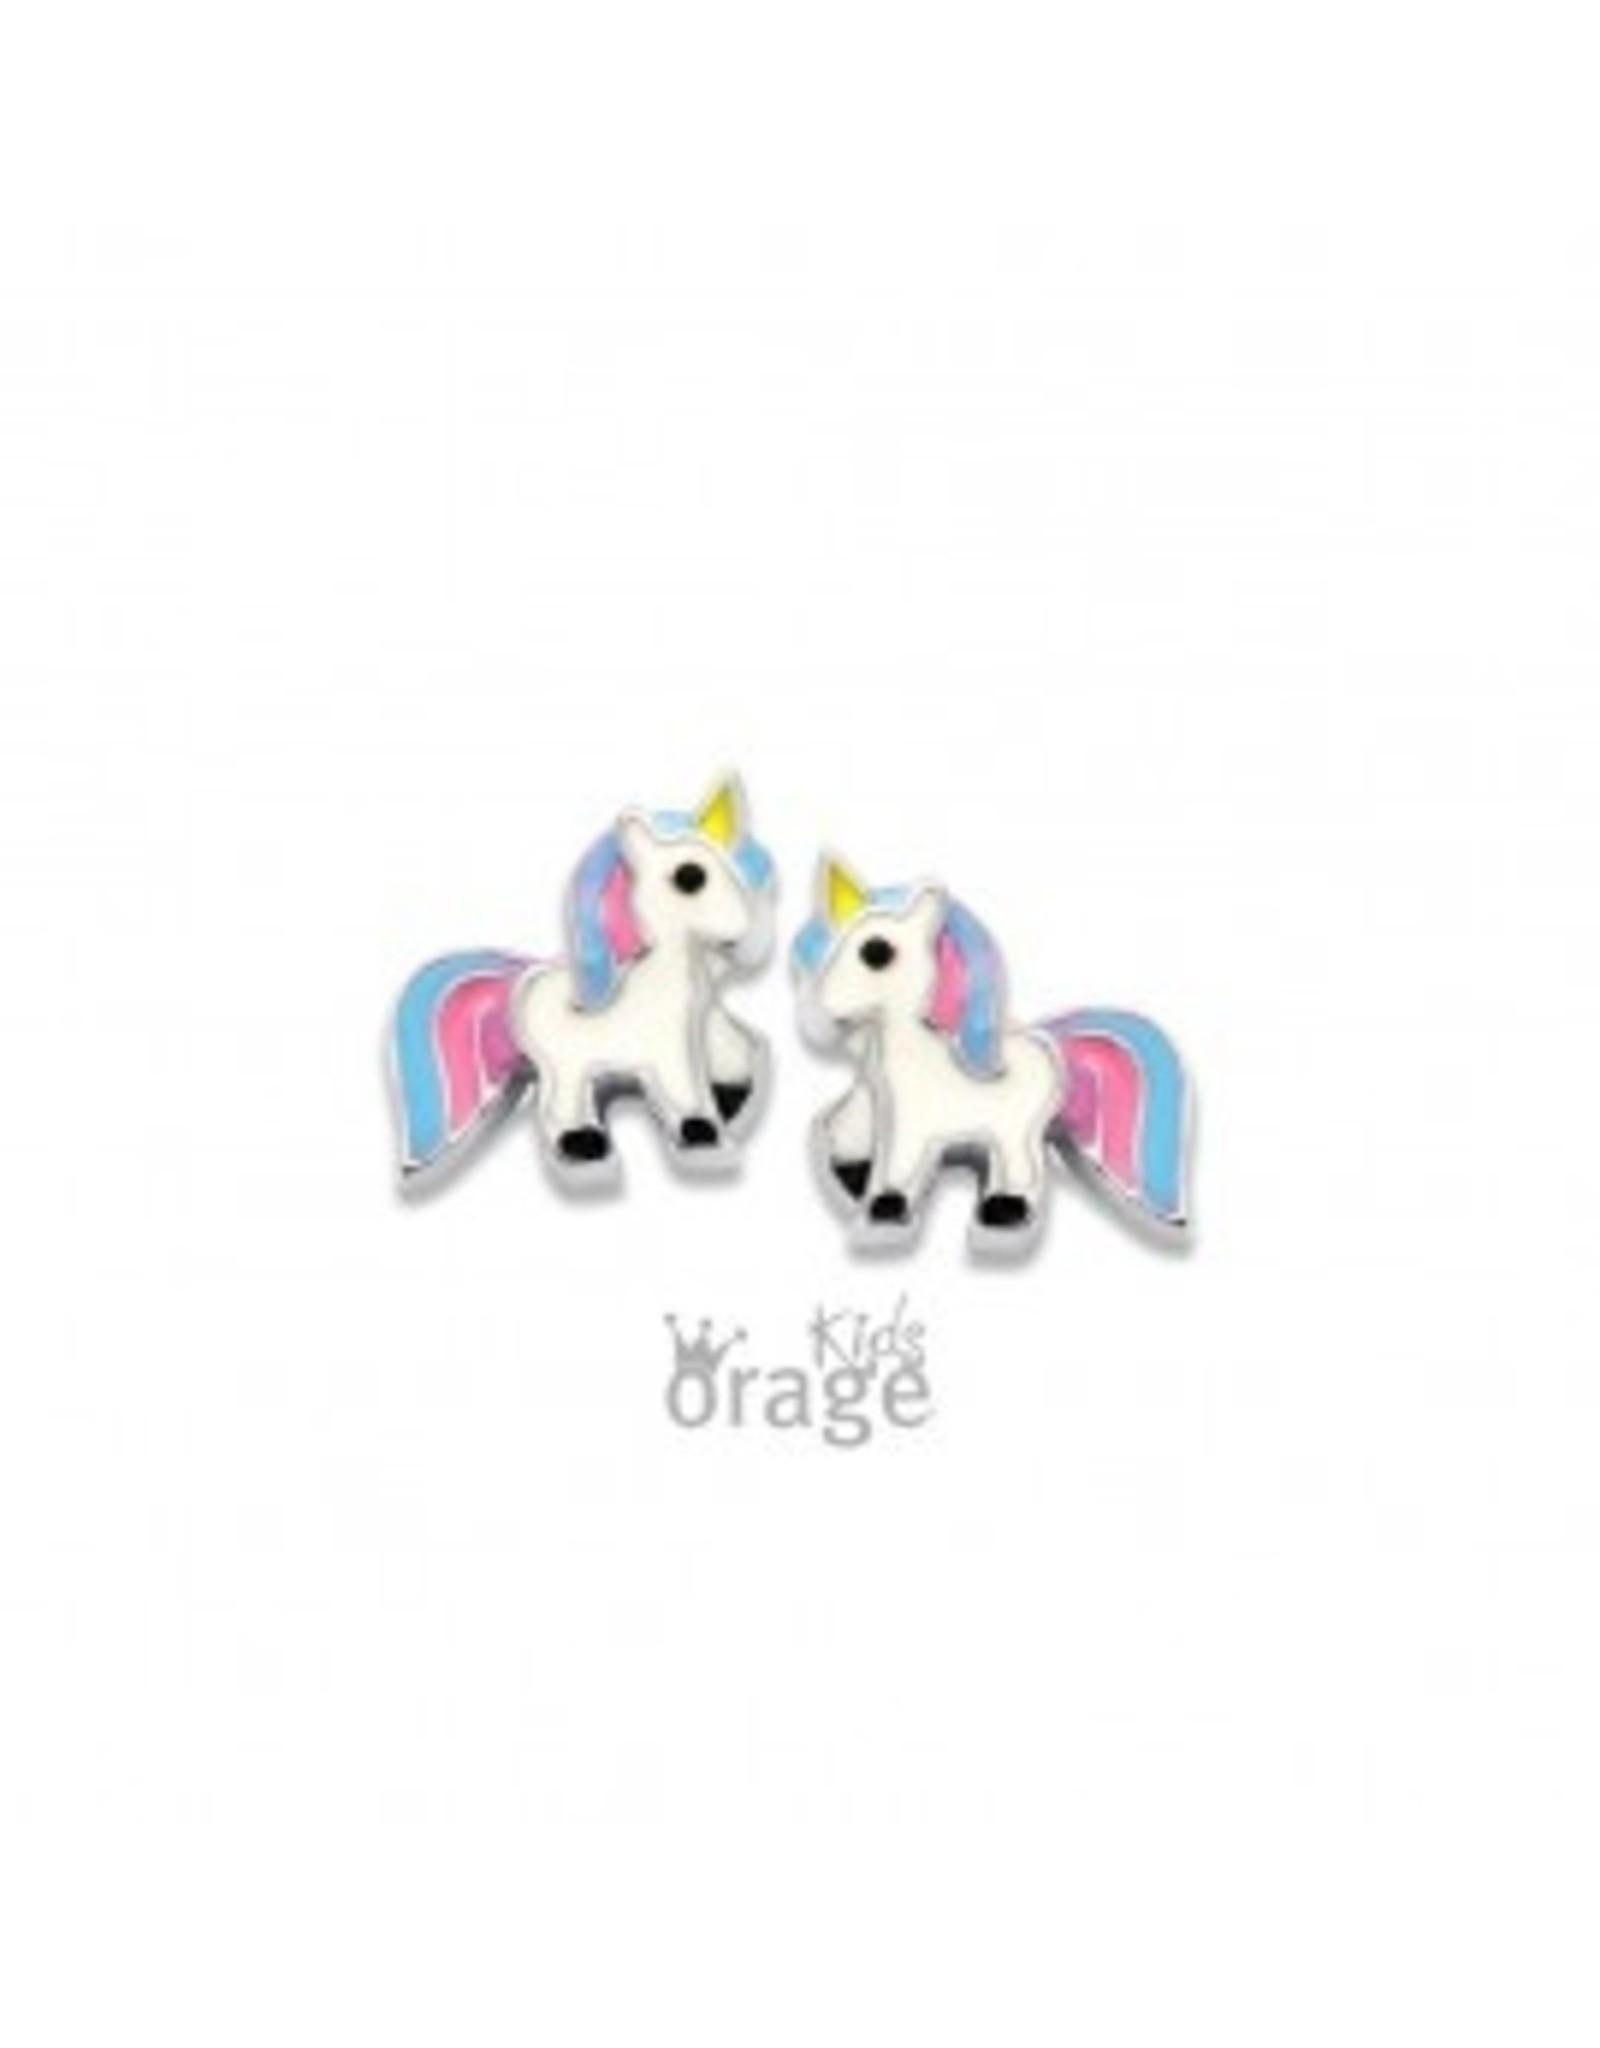 Orage Kids Oorbellen Orage Kids K1604 Eenhoorn Zilver